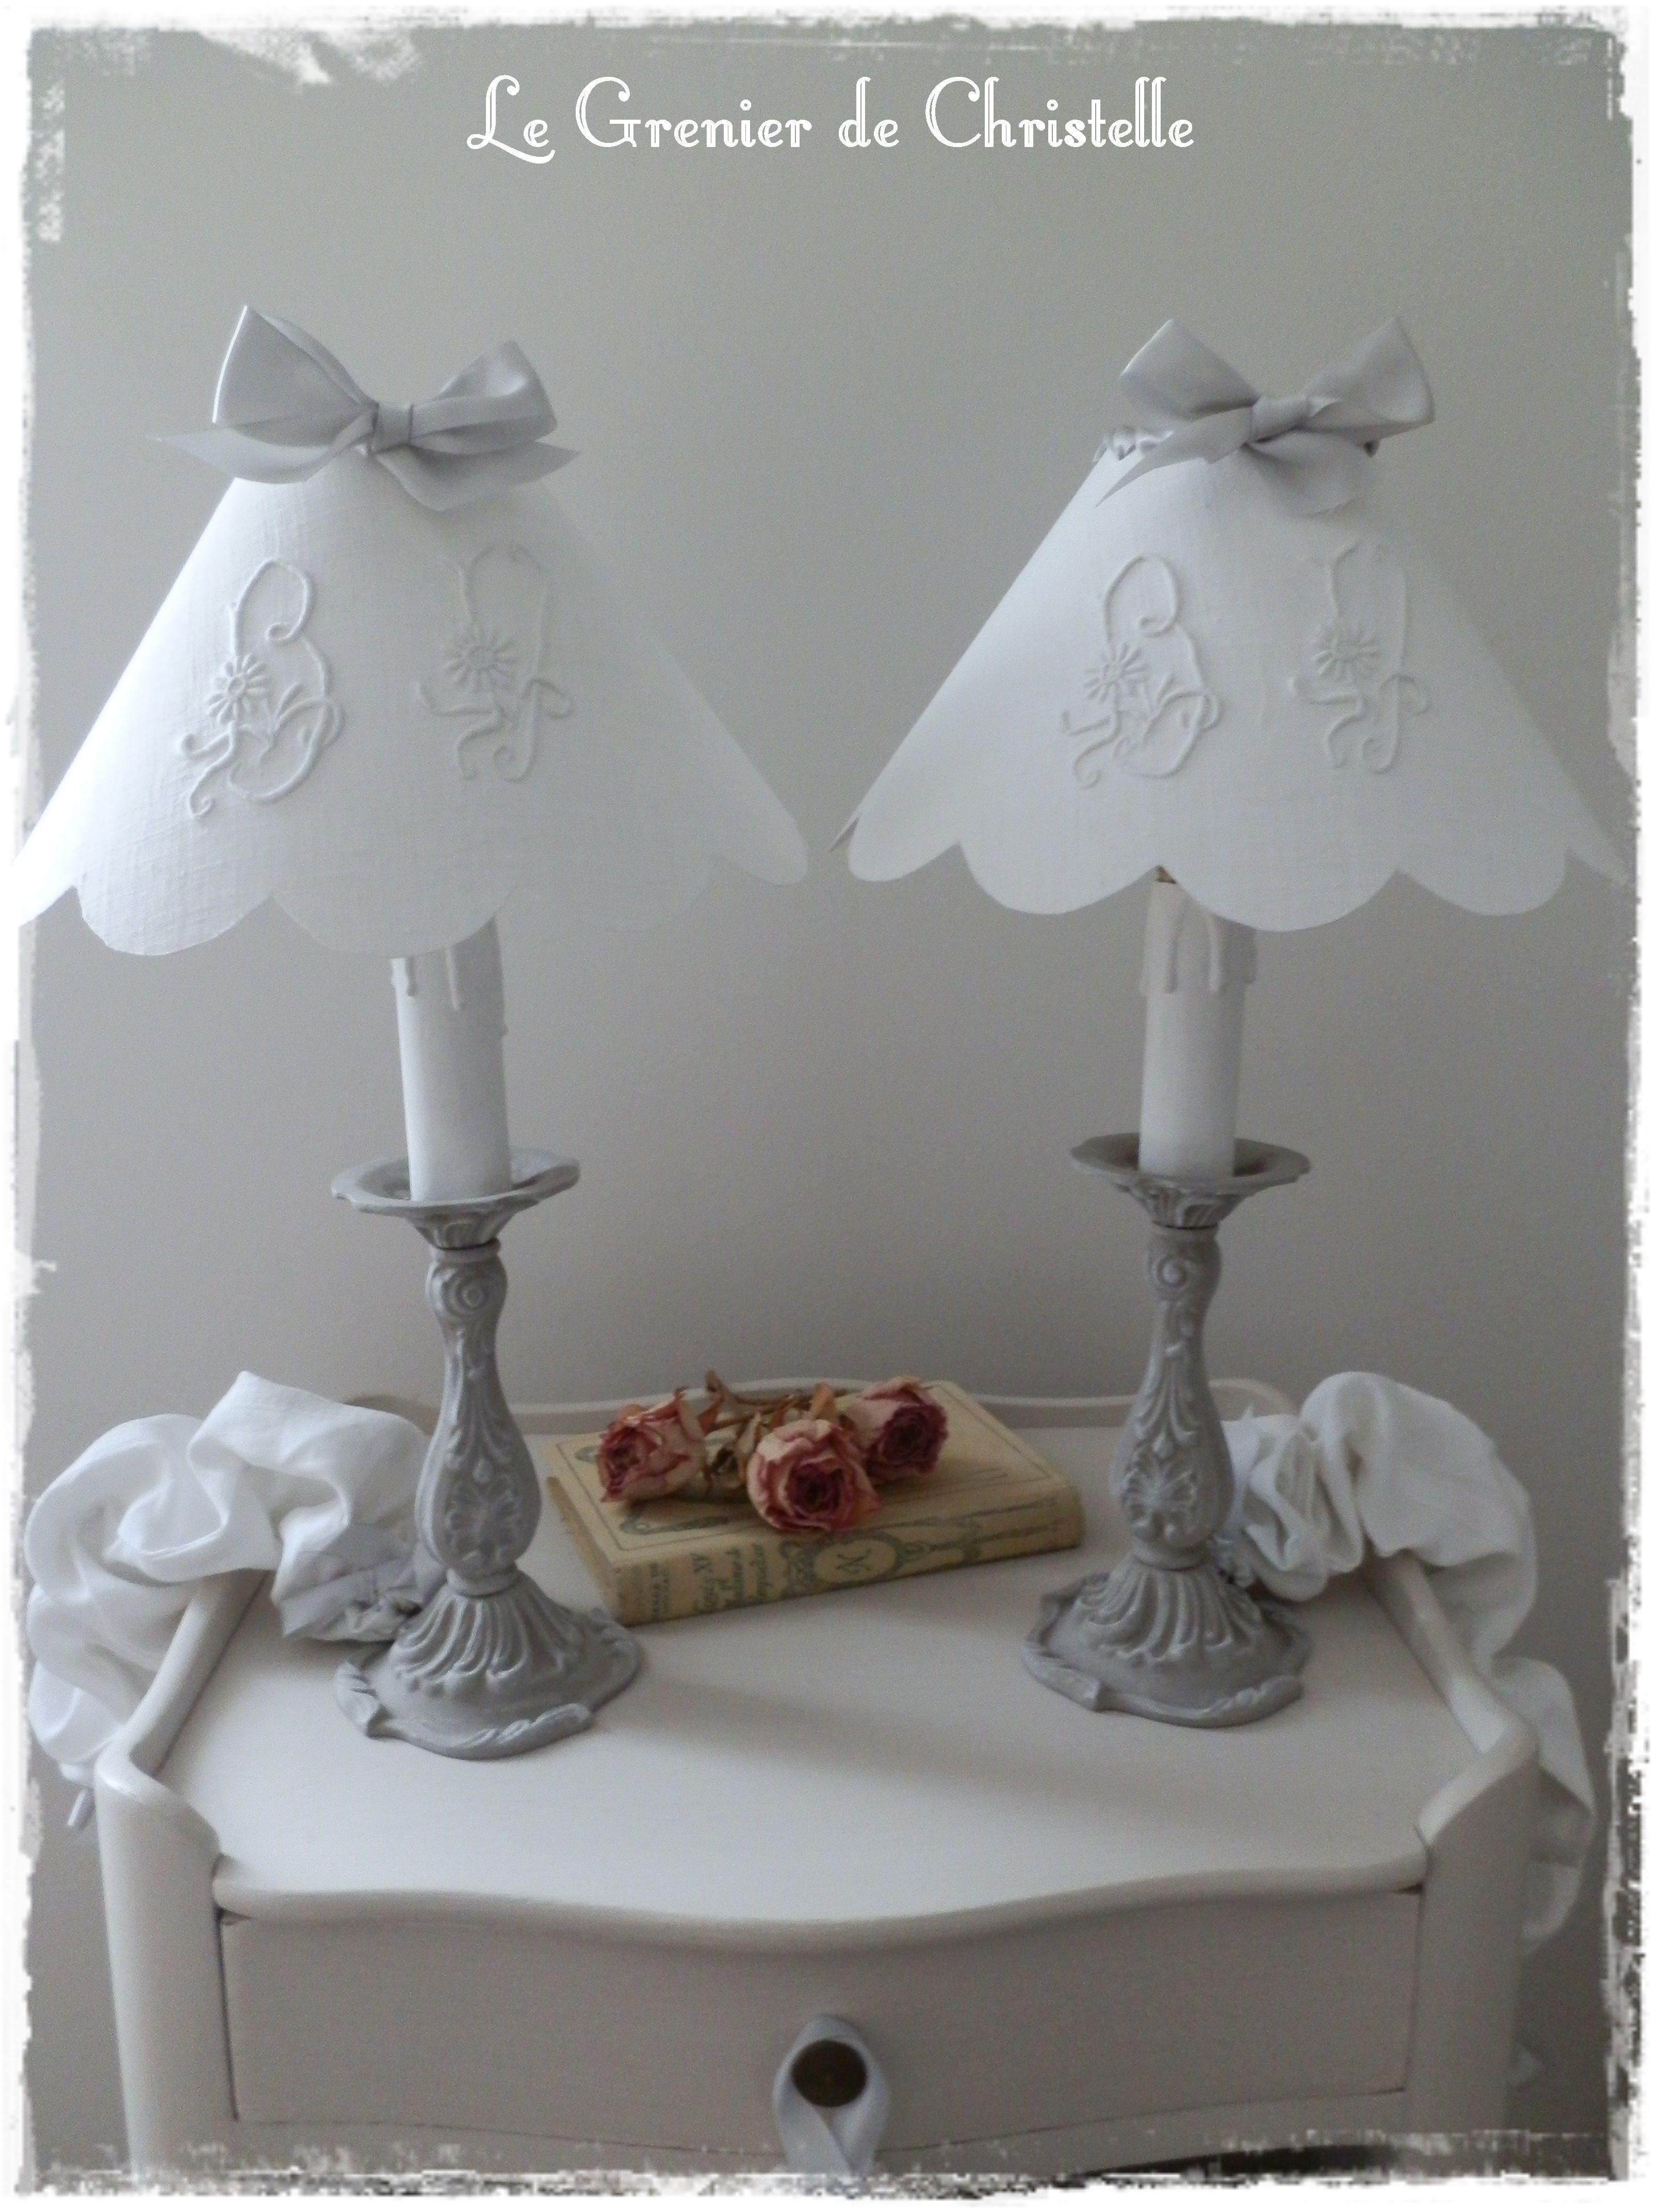 paire de lampes patinée : le grenier de Christelle http://legrenierdechris.canalblog.com